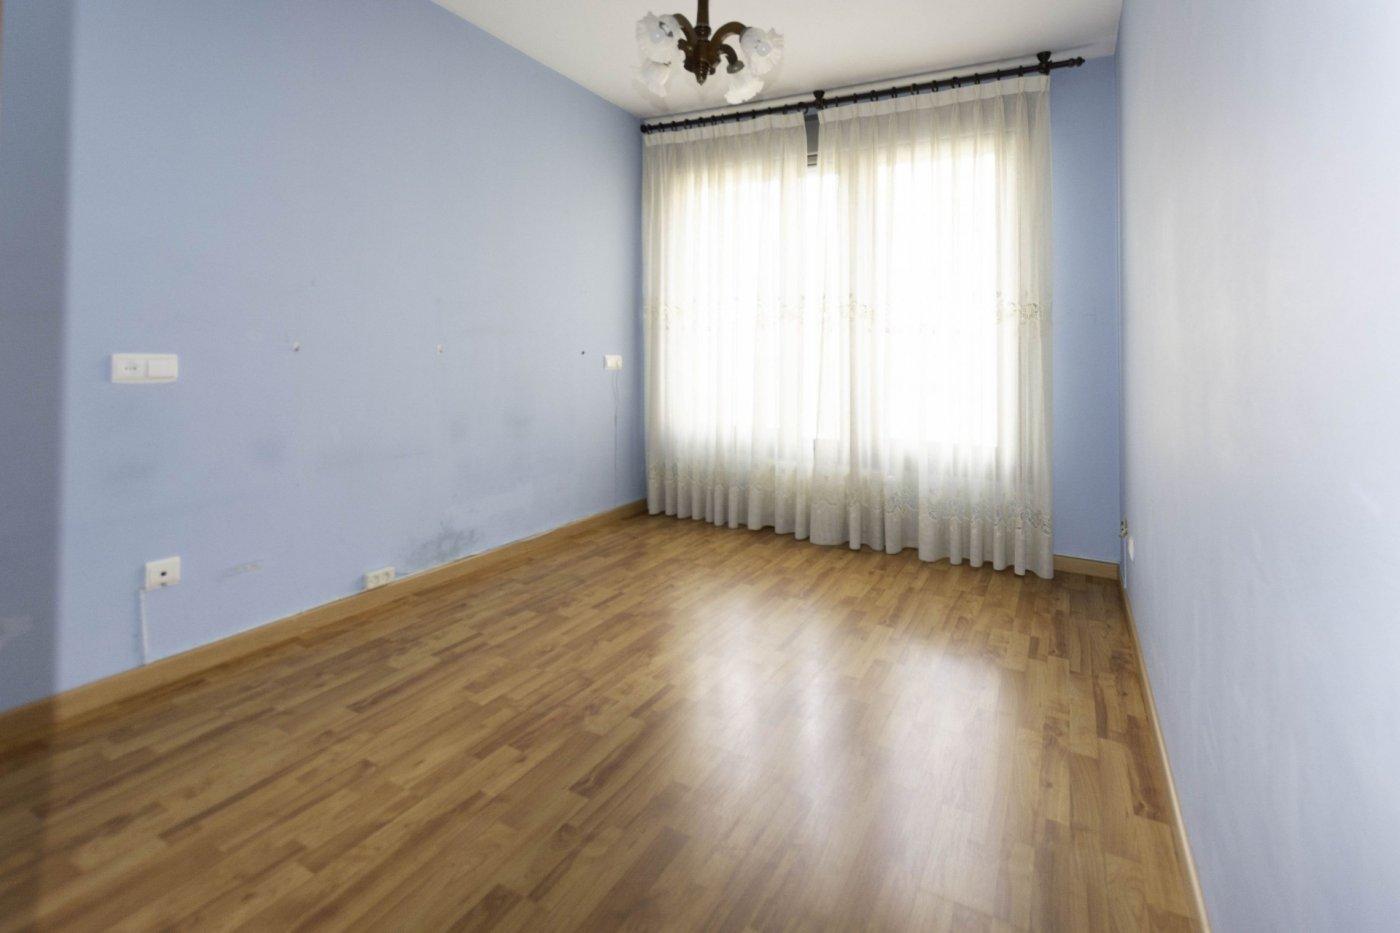 Venta de piso en oviedo - imagenInmueble3